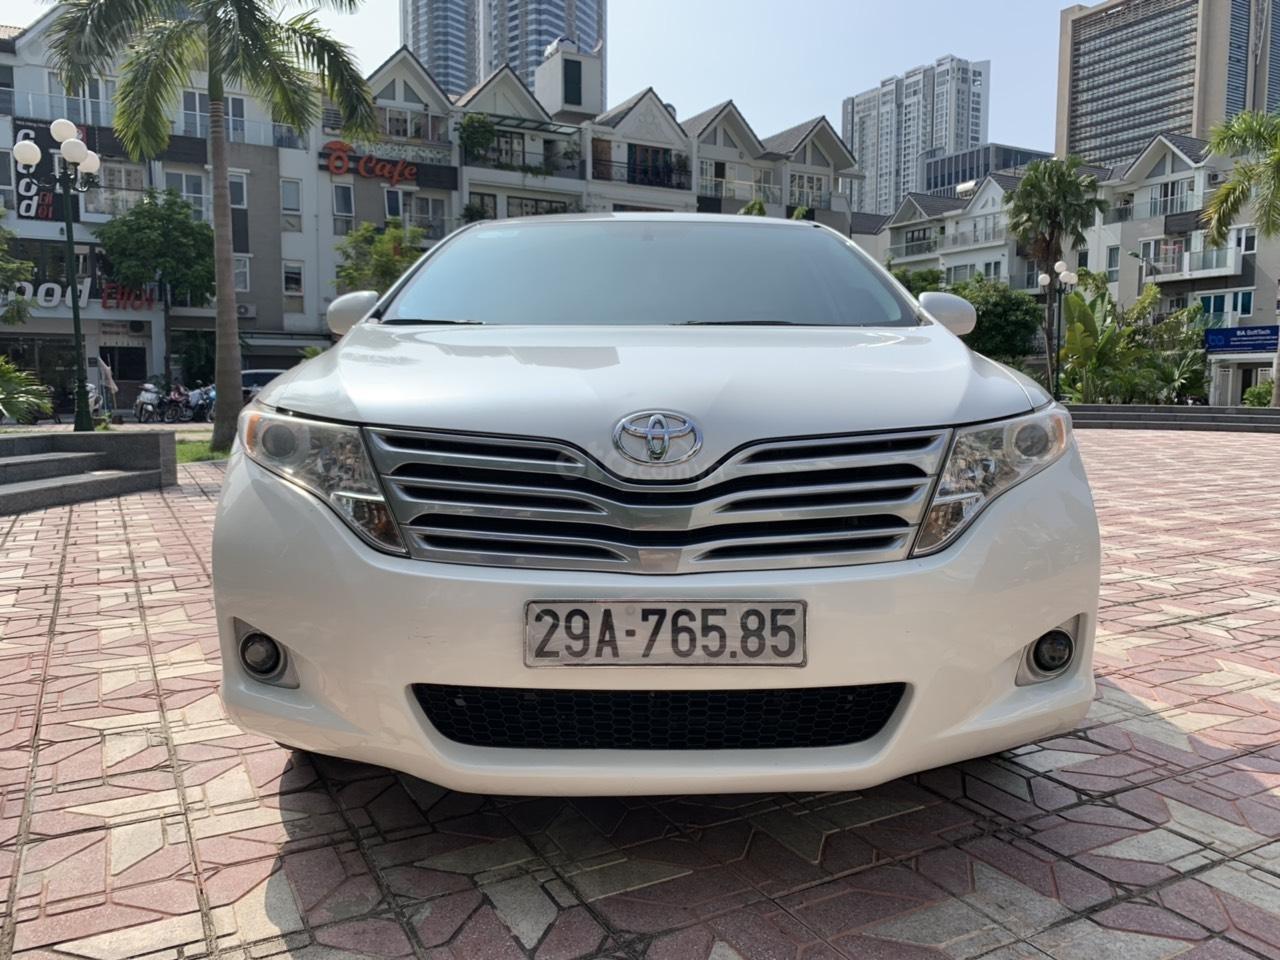 Cần bán Toyota Venza đời 2009, màu trắng, giá tốt (12)